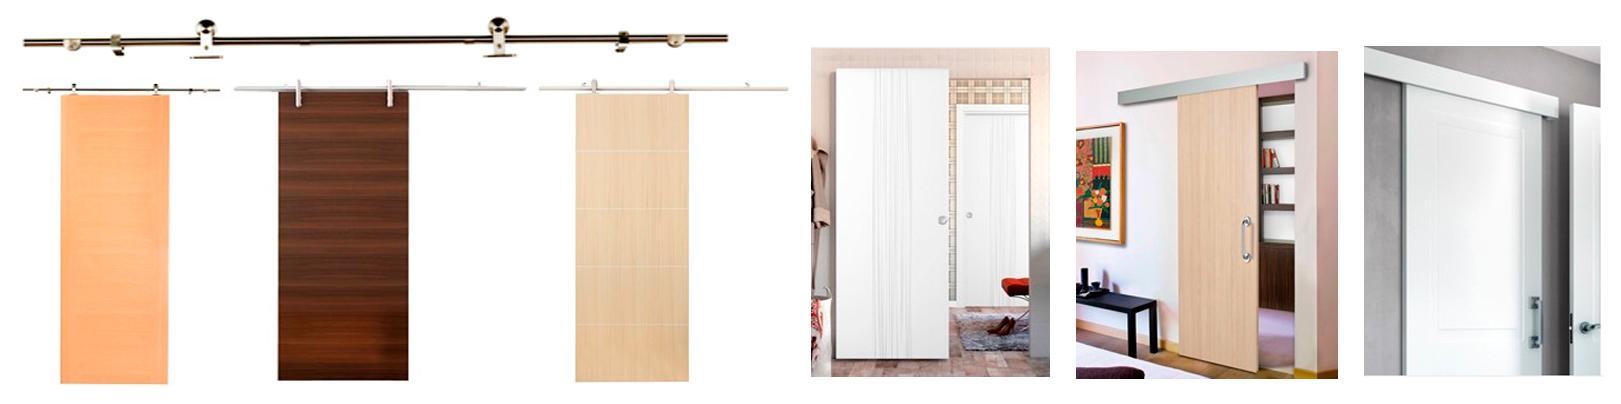 Arcolínea: Puertas correderas de madera con herrajes vistos de acero.